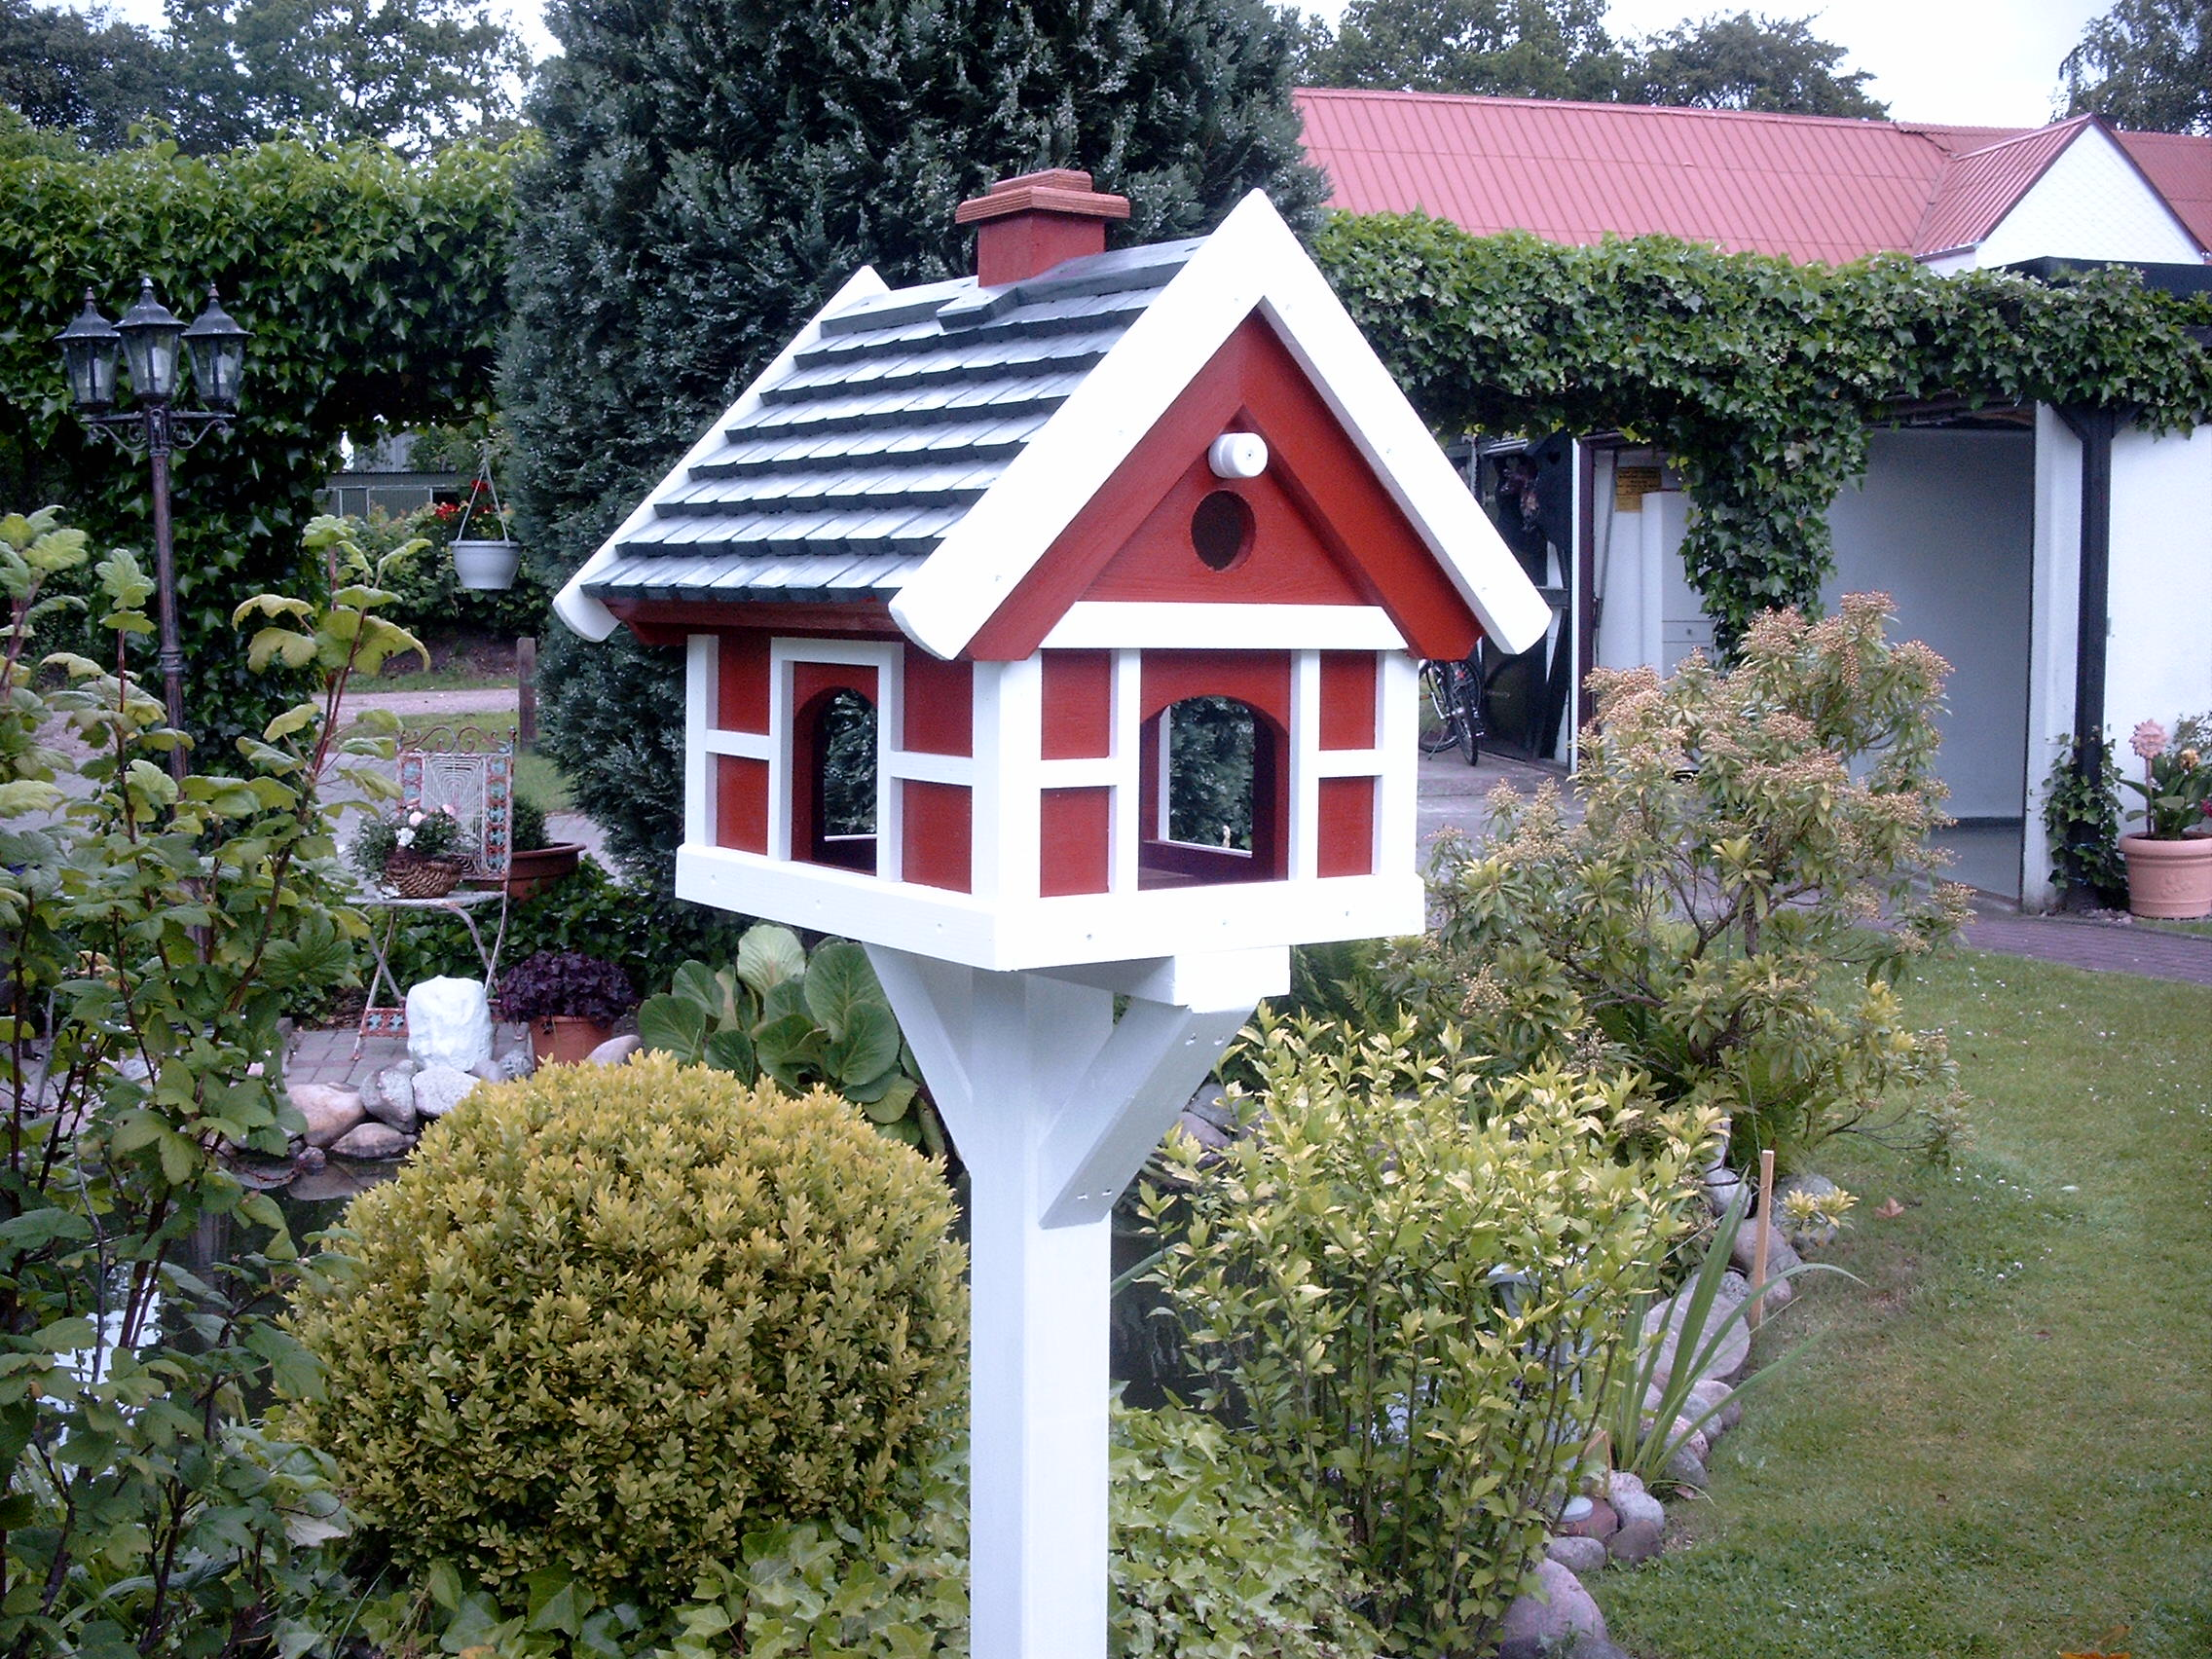 vogelfutterhaus in lindewitt handwerk hausbau garten kleinanzeigen. Black Bedroom Furniture Sets. Home Design Ideas